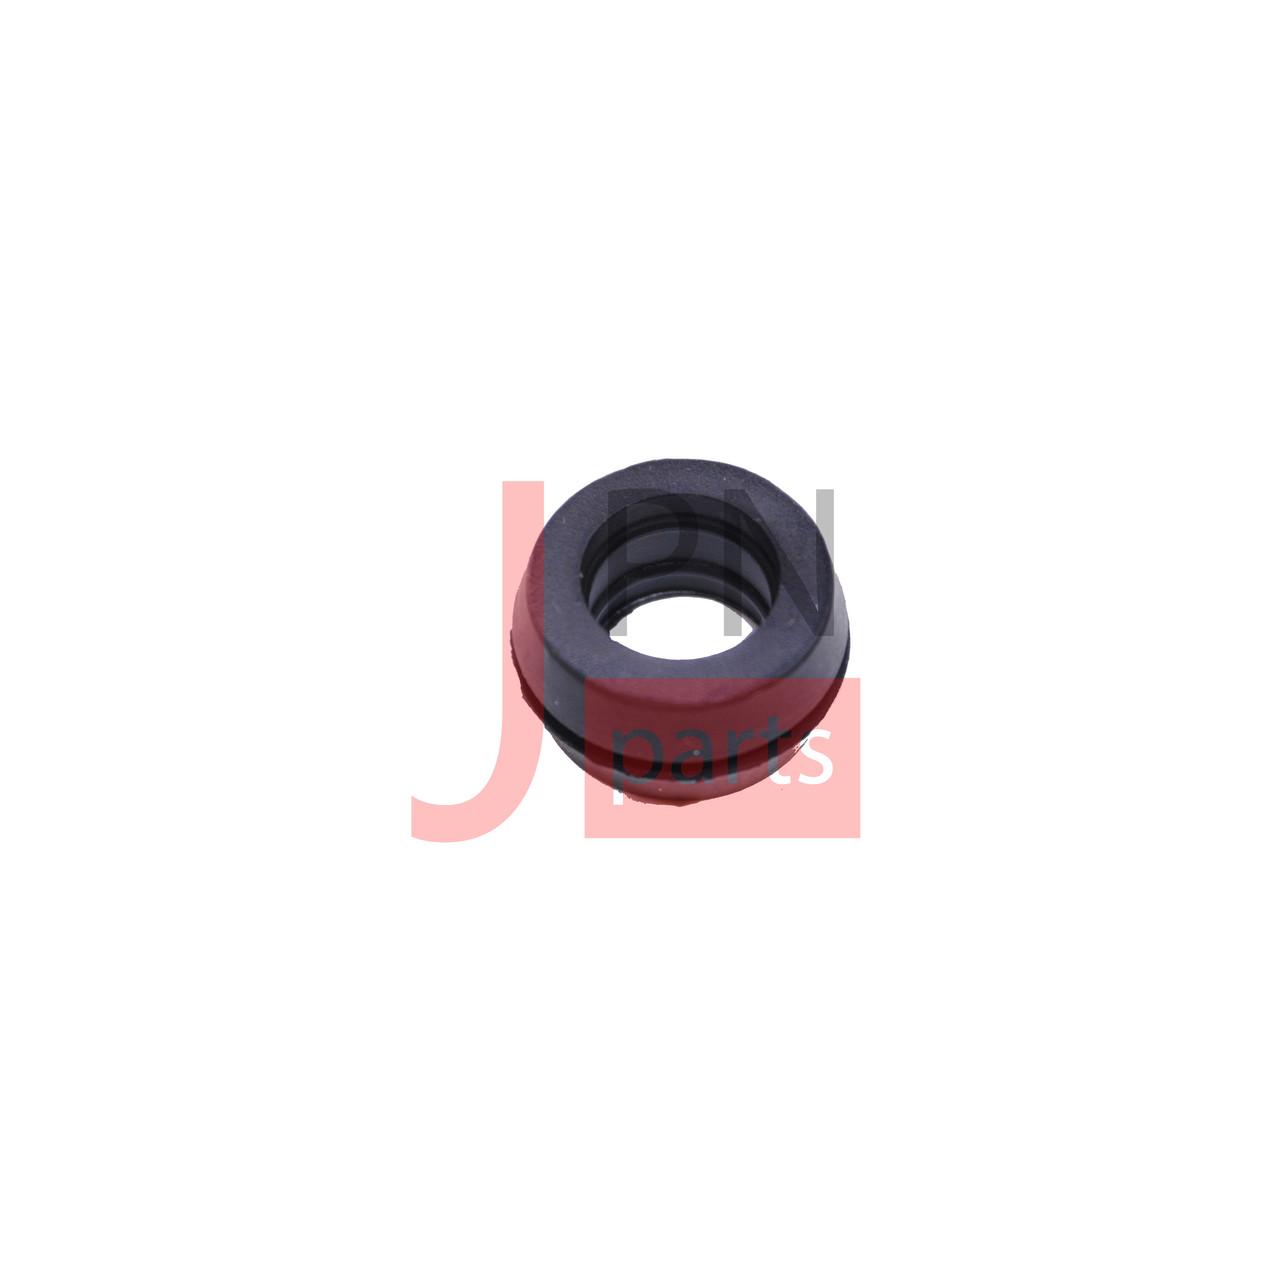 Втулка клапанной крышки MITSUBISHI CANTER FUSO 659/859 (ME013289) MITSUBISHI